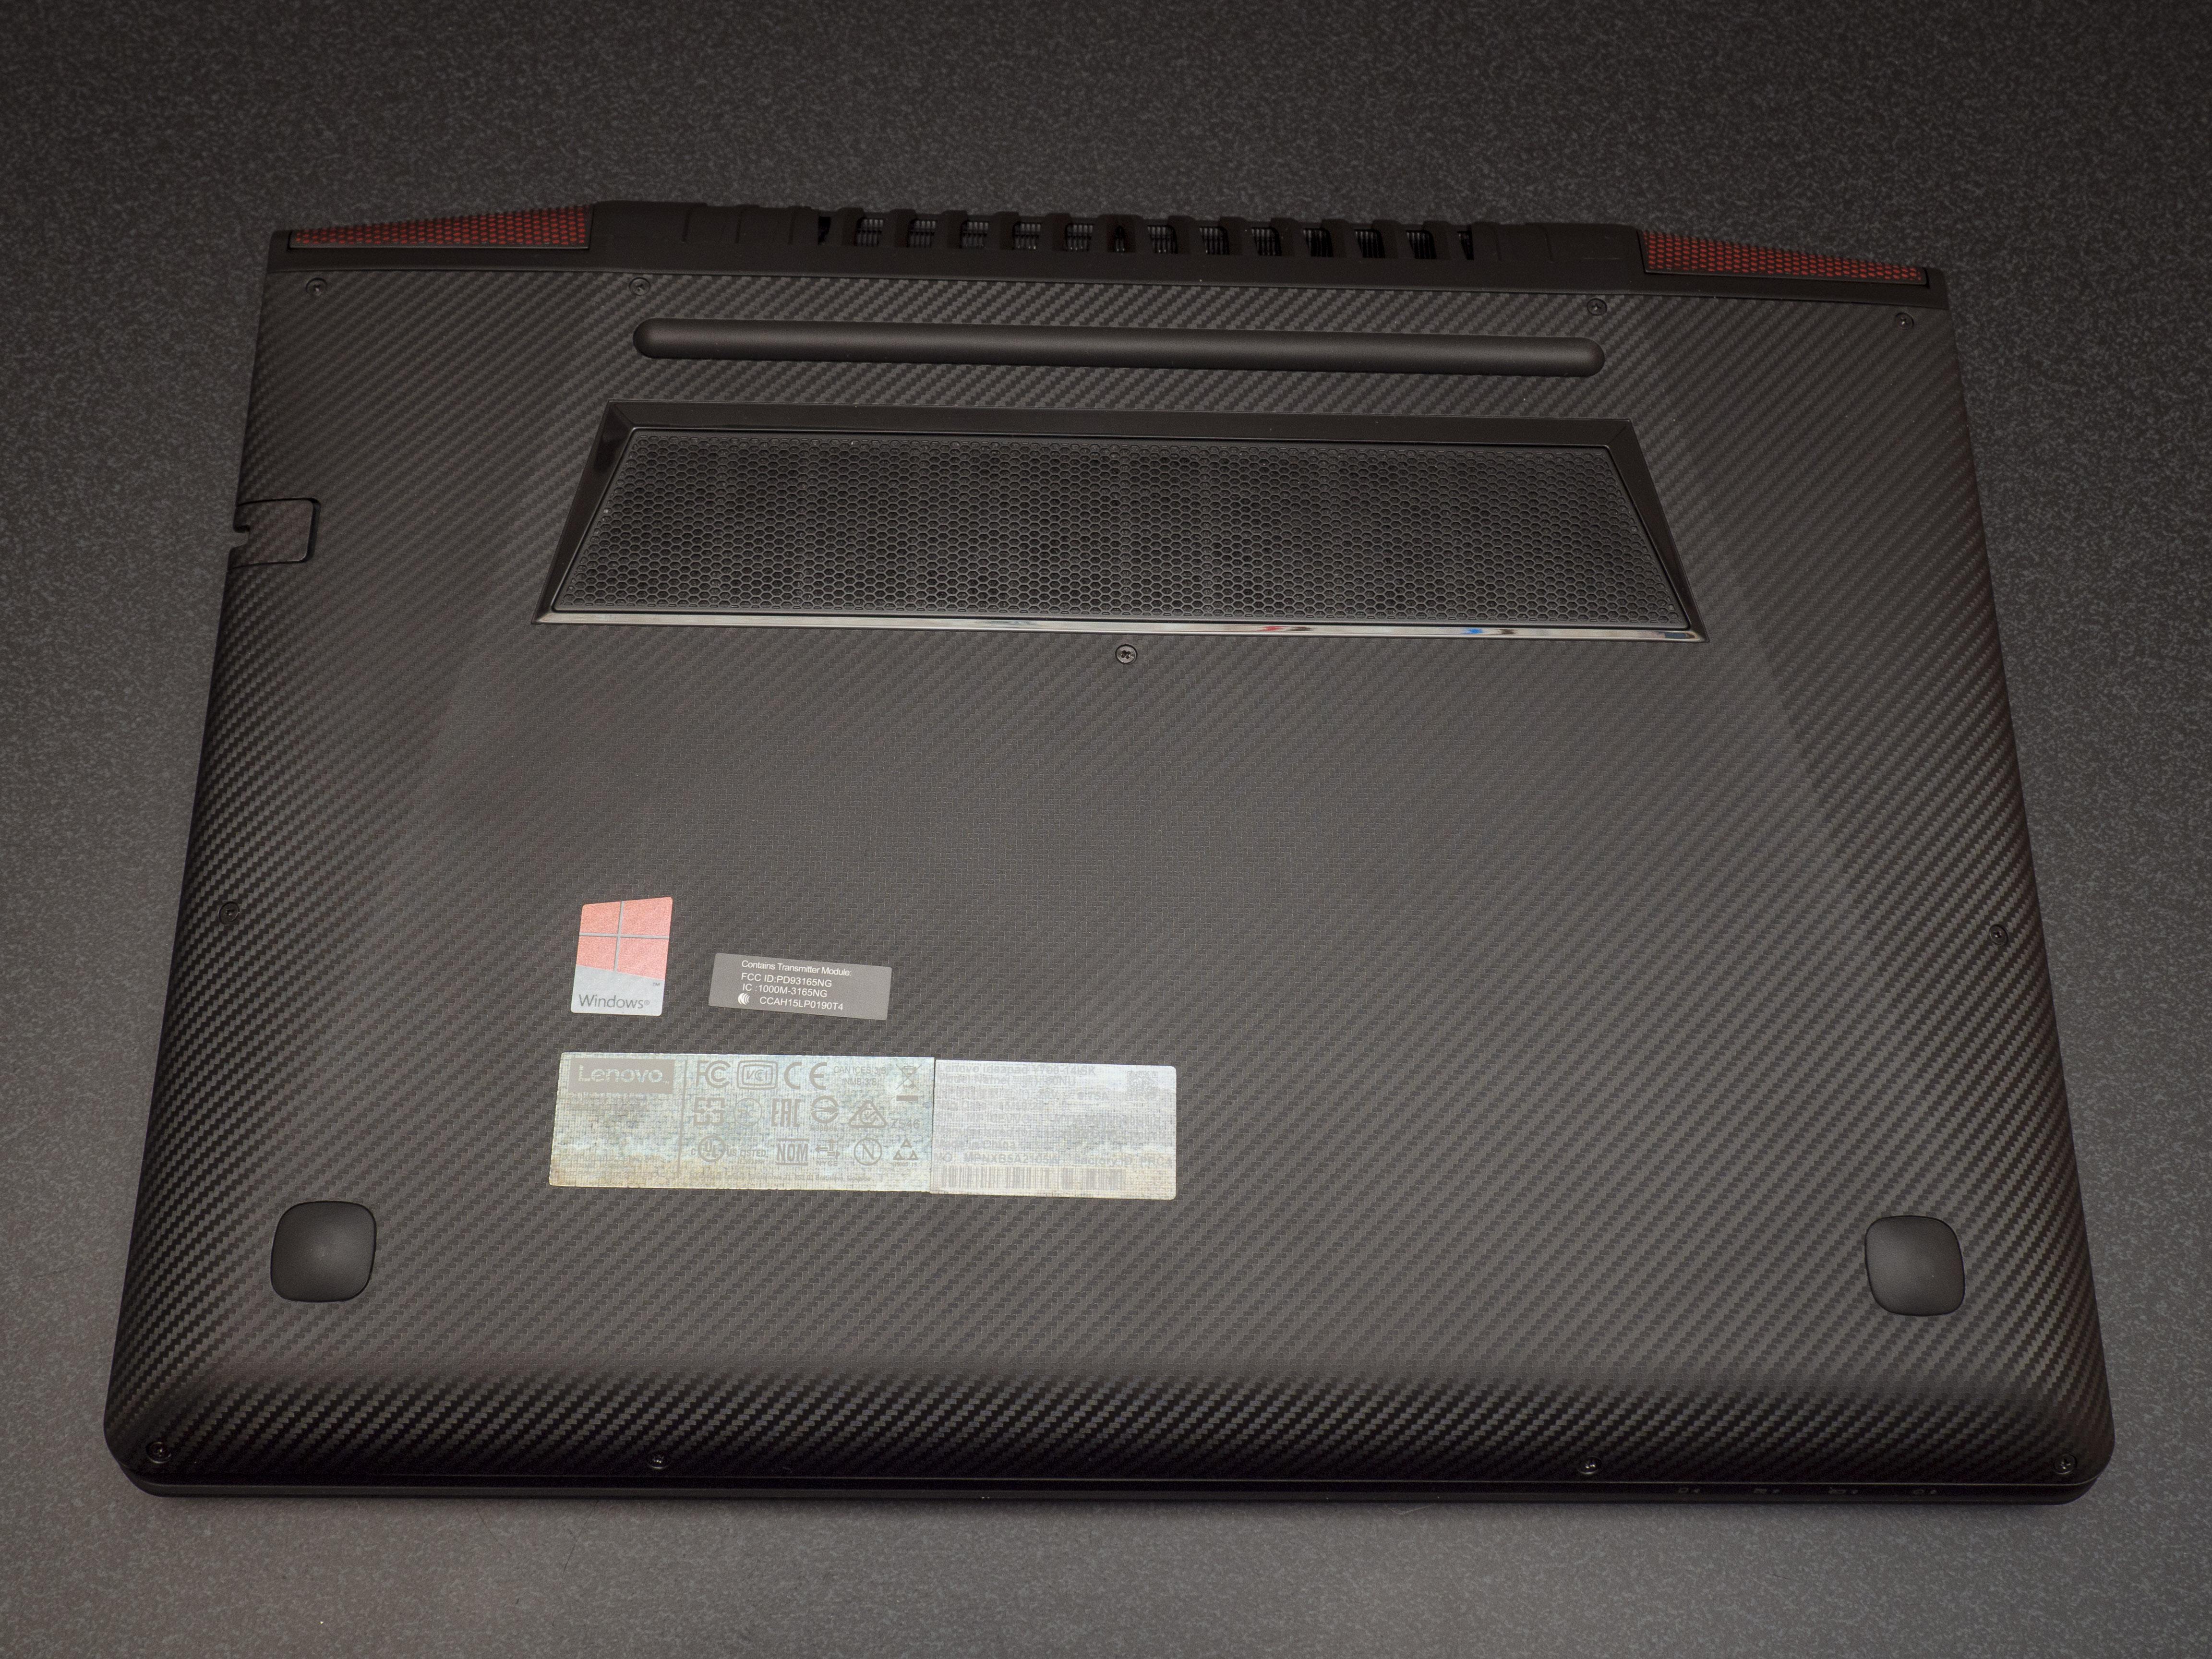 Lenovo IdeaPad Y700 14″ SSD & RAM upgrade [photos]